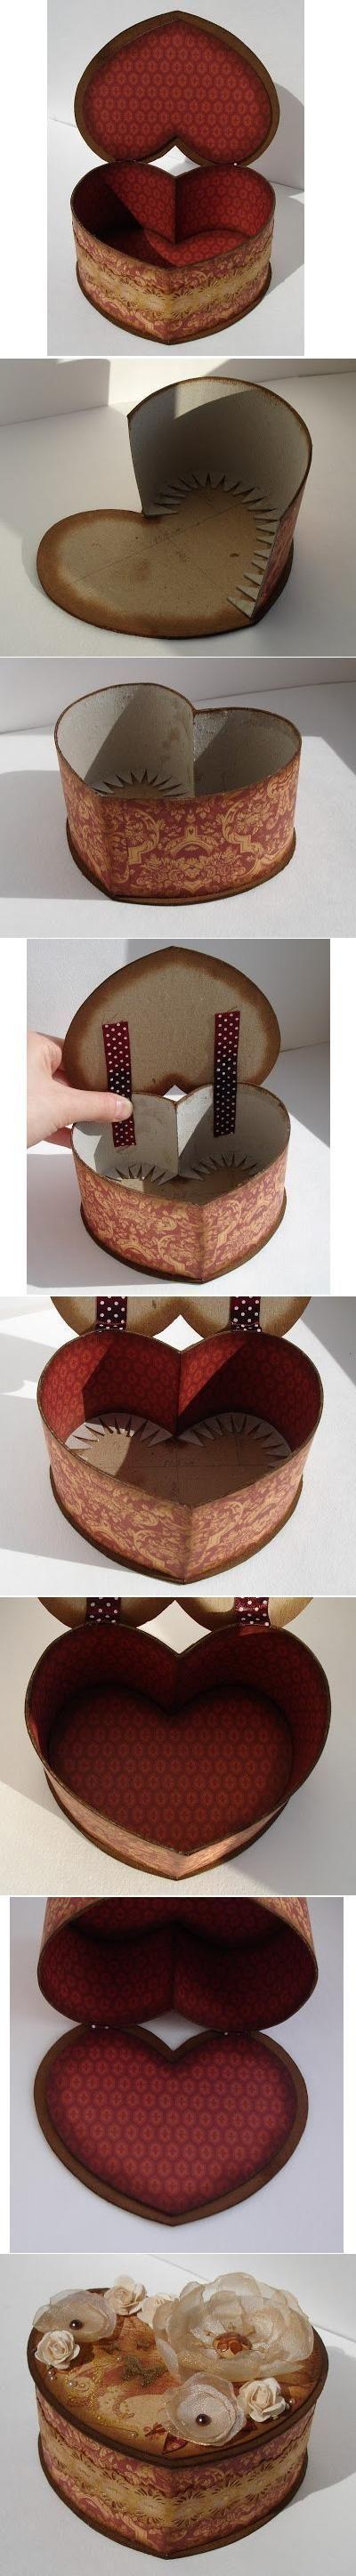 Cofre en forma de corazon con carton - DIY Cardboard Heart Shaped Box